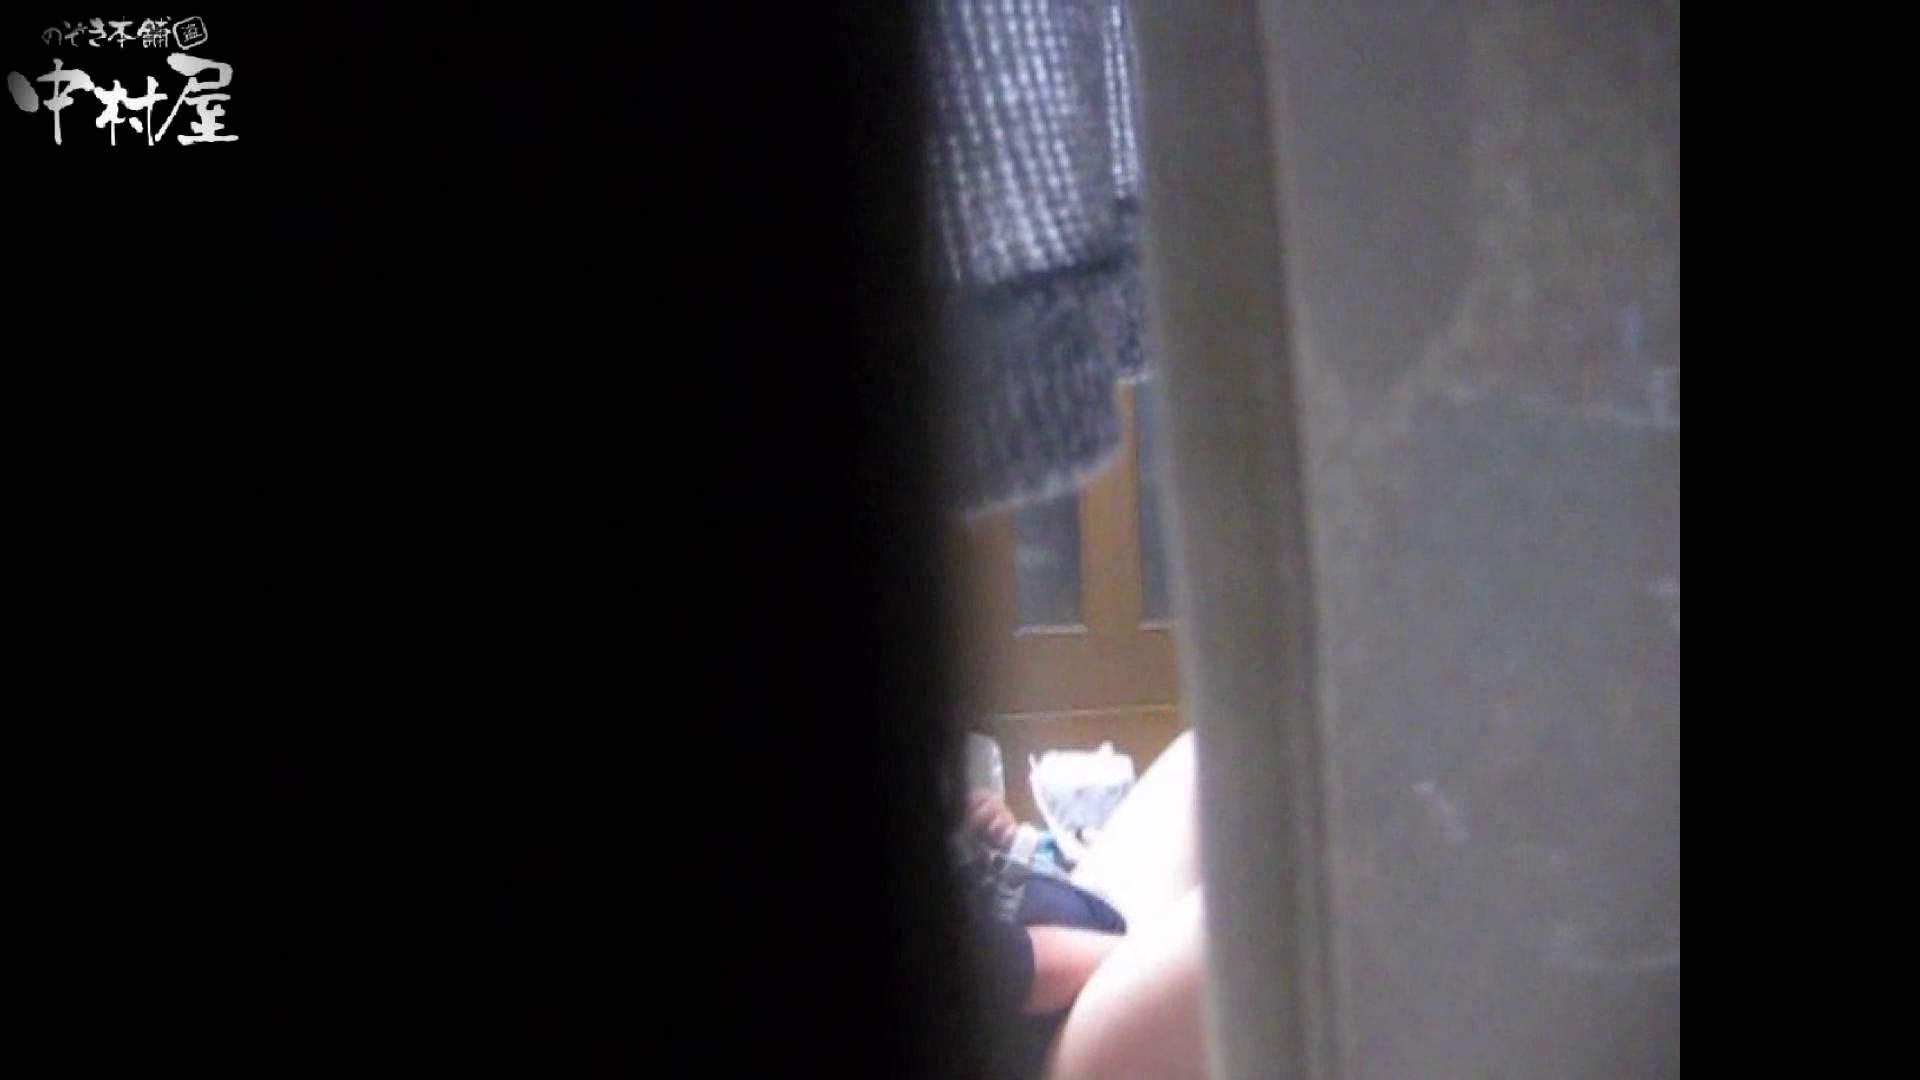 民家風呂専門盗撮師の超危険映像 vol.021 美女まとめ オメコ無修正動画無料 85PIX 47